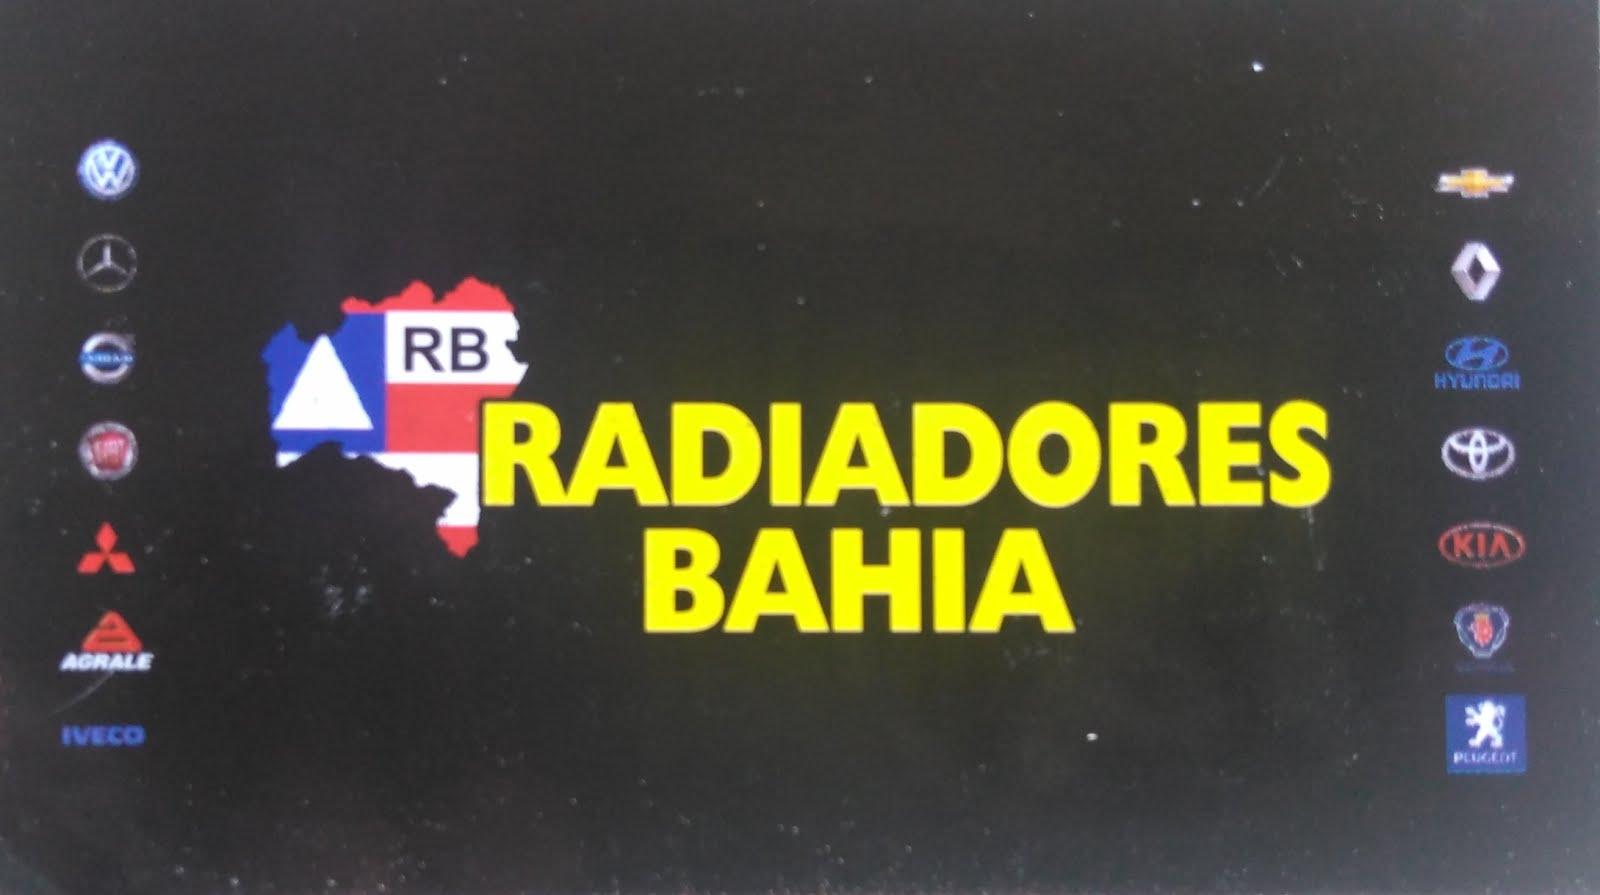 Radiadores Bahia